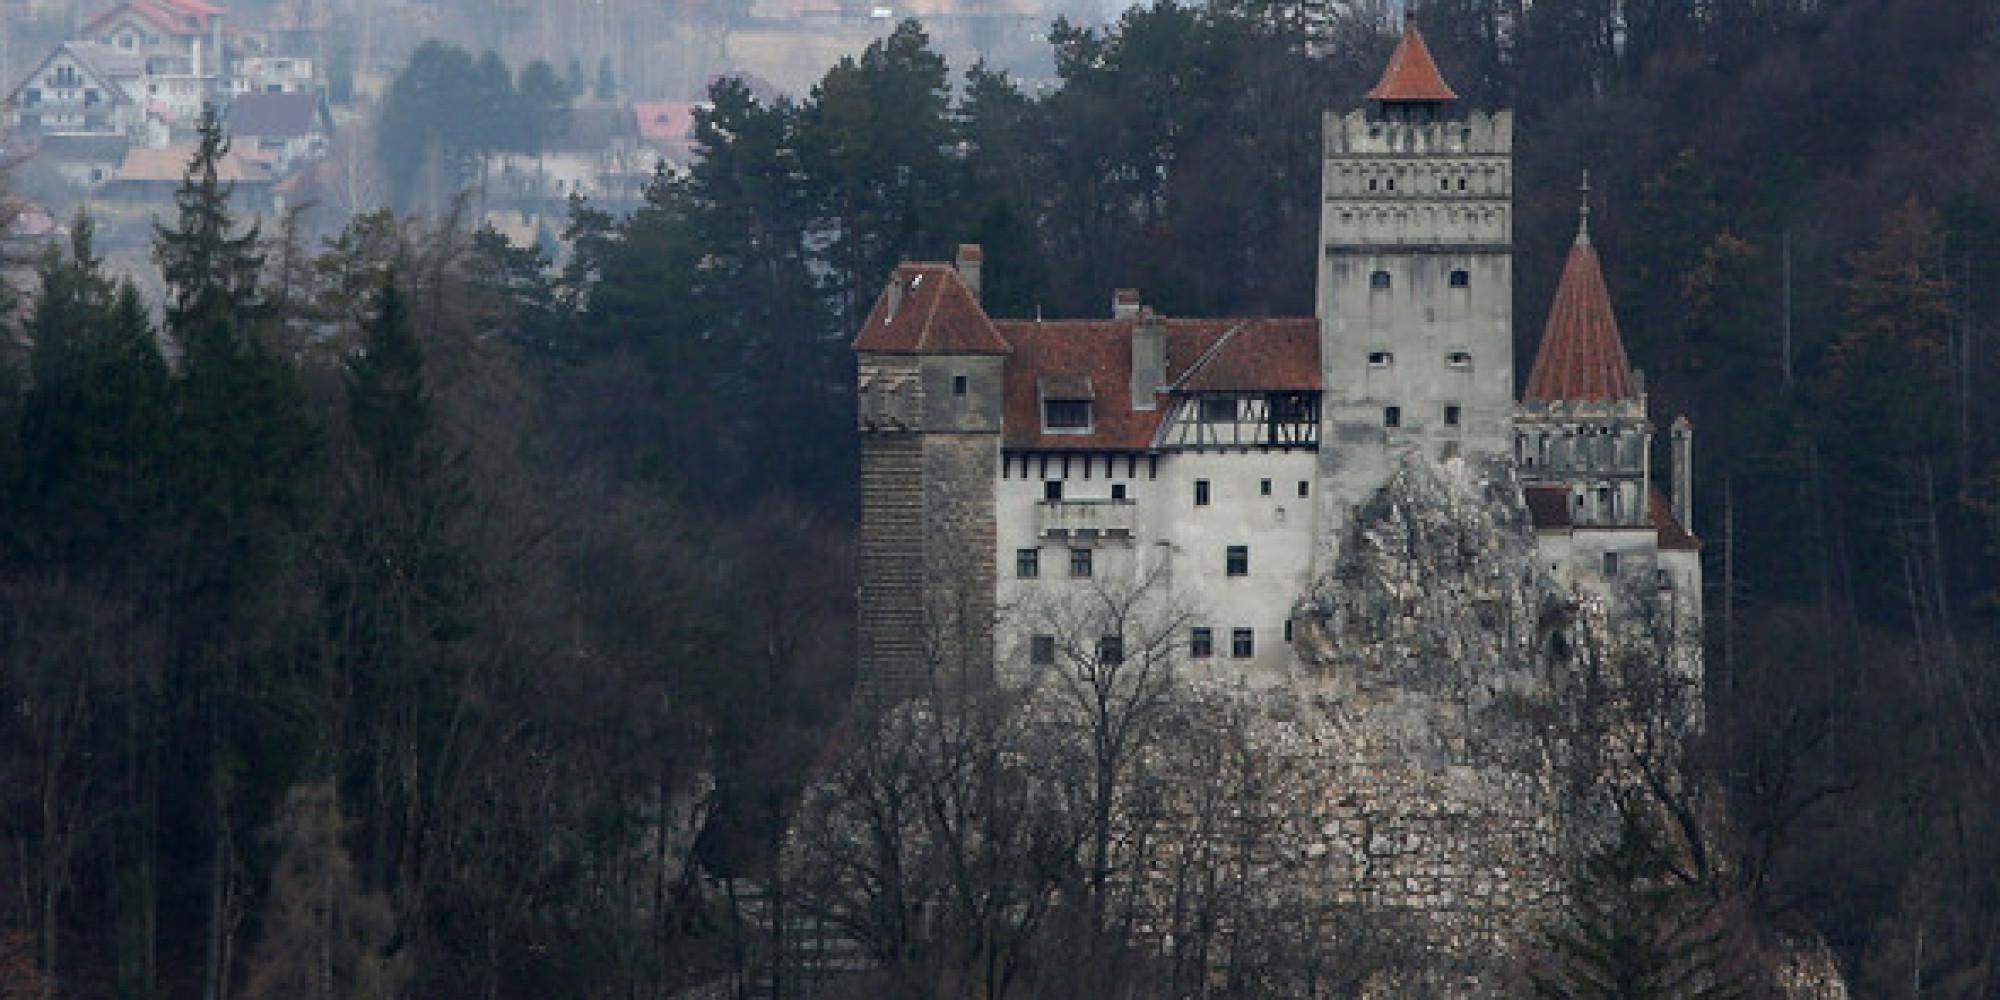 Romania Promotes Tourism To Boost Economy